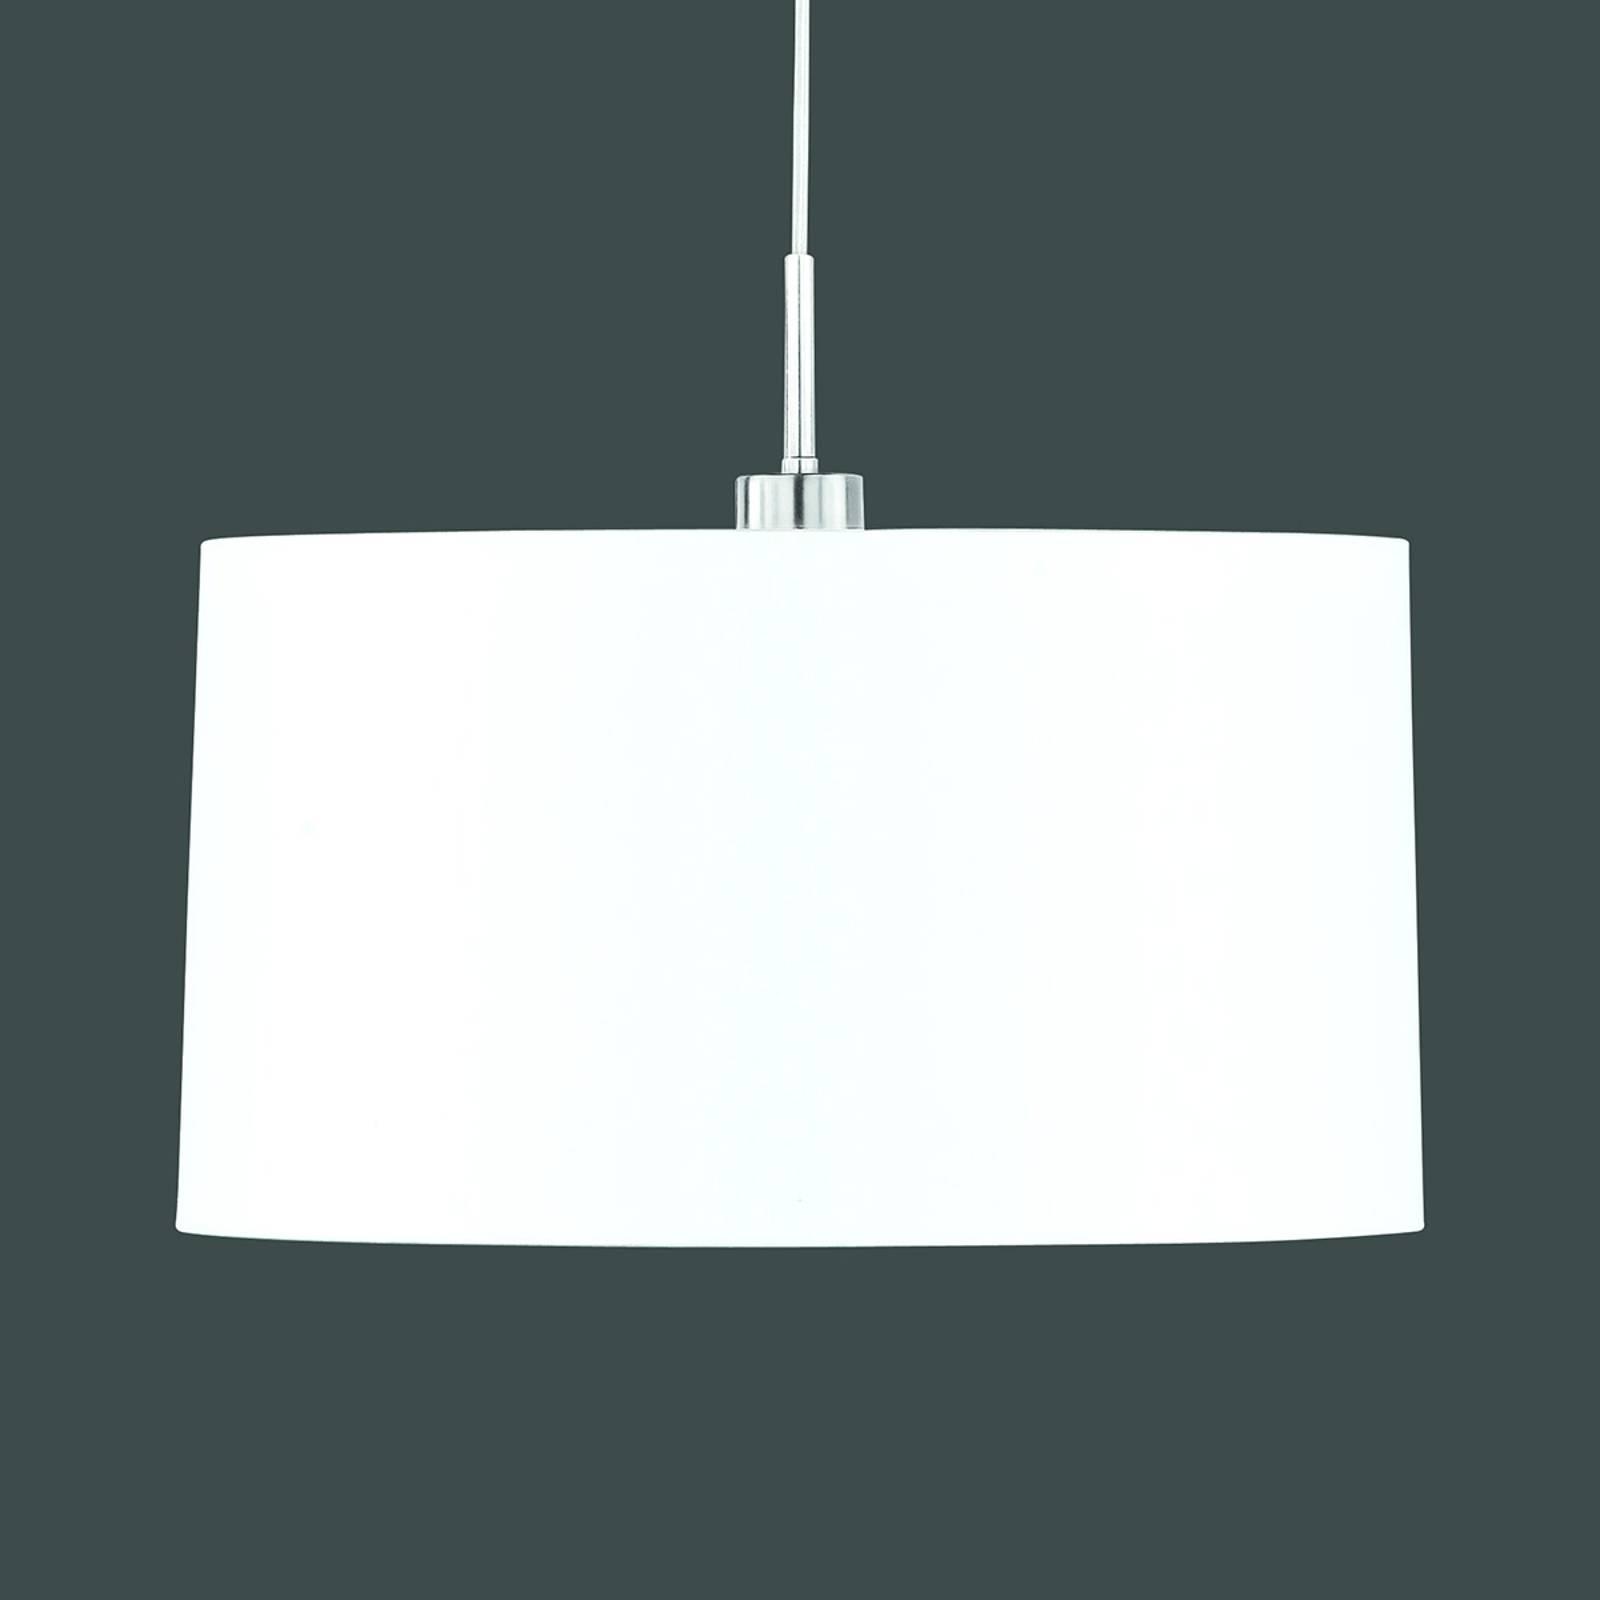 Hanglamp Loop met witte sits-kap